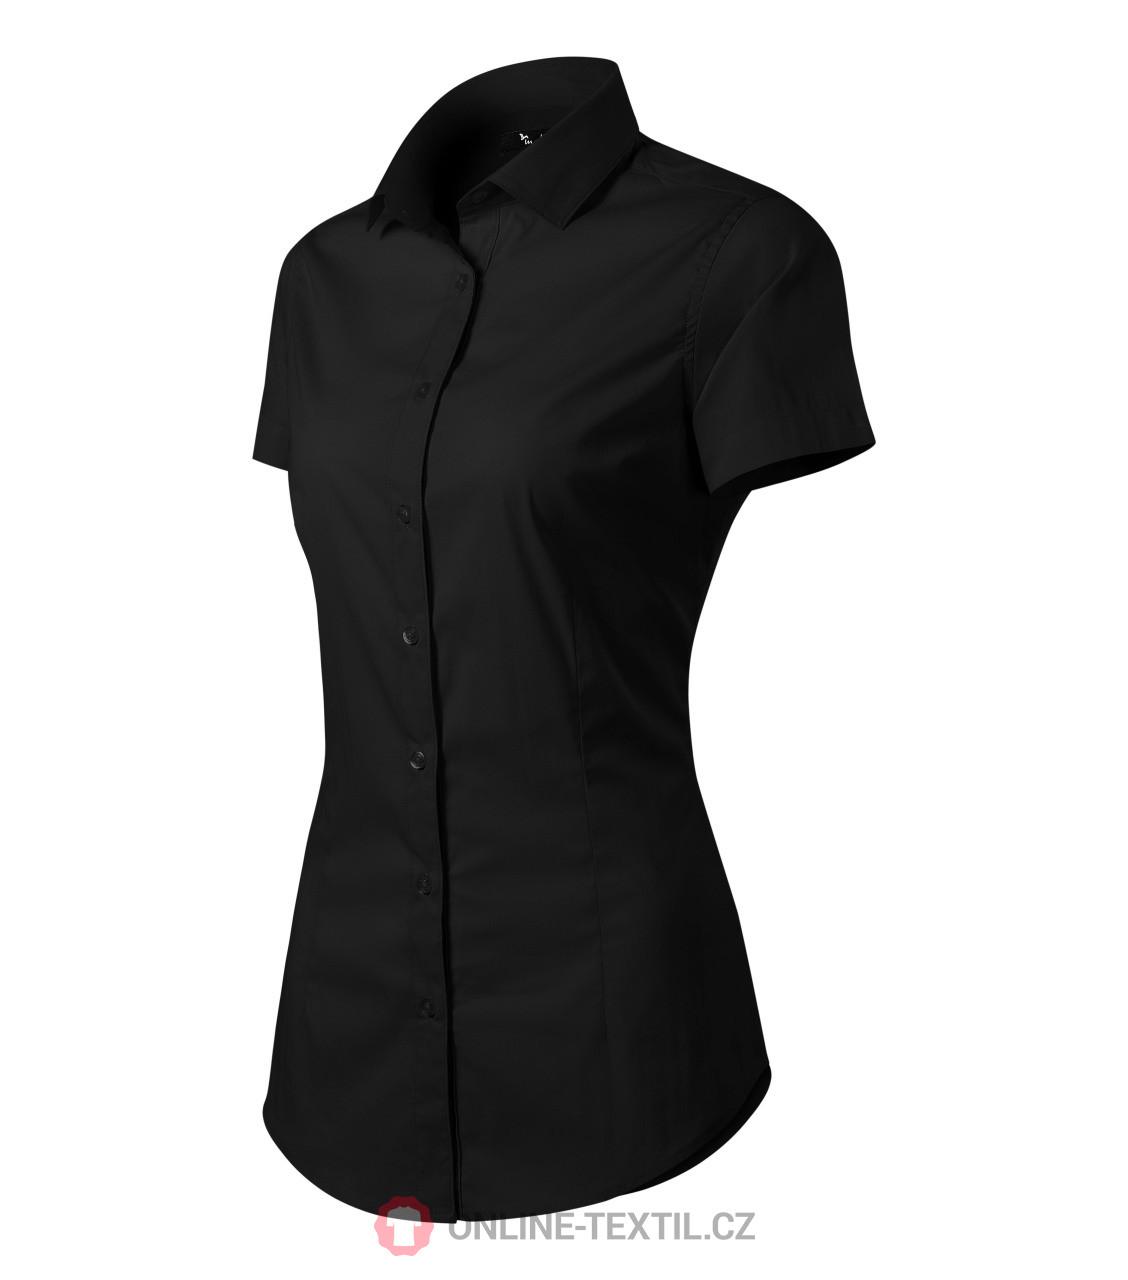 965f8486991 ADLER CZECH Dámská košile Malfini Premium Flash 261 - černá z ...